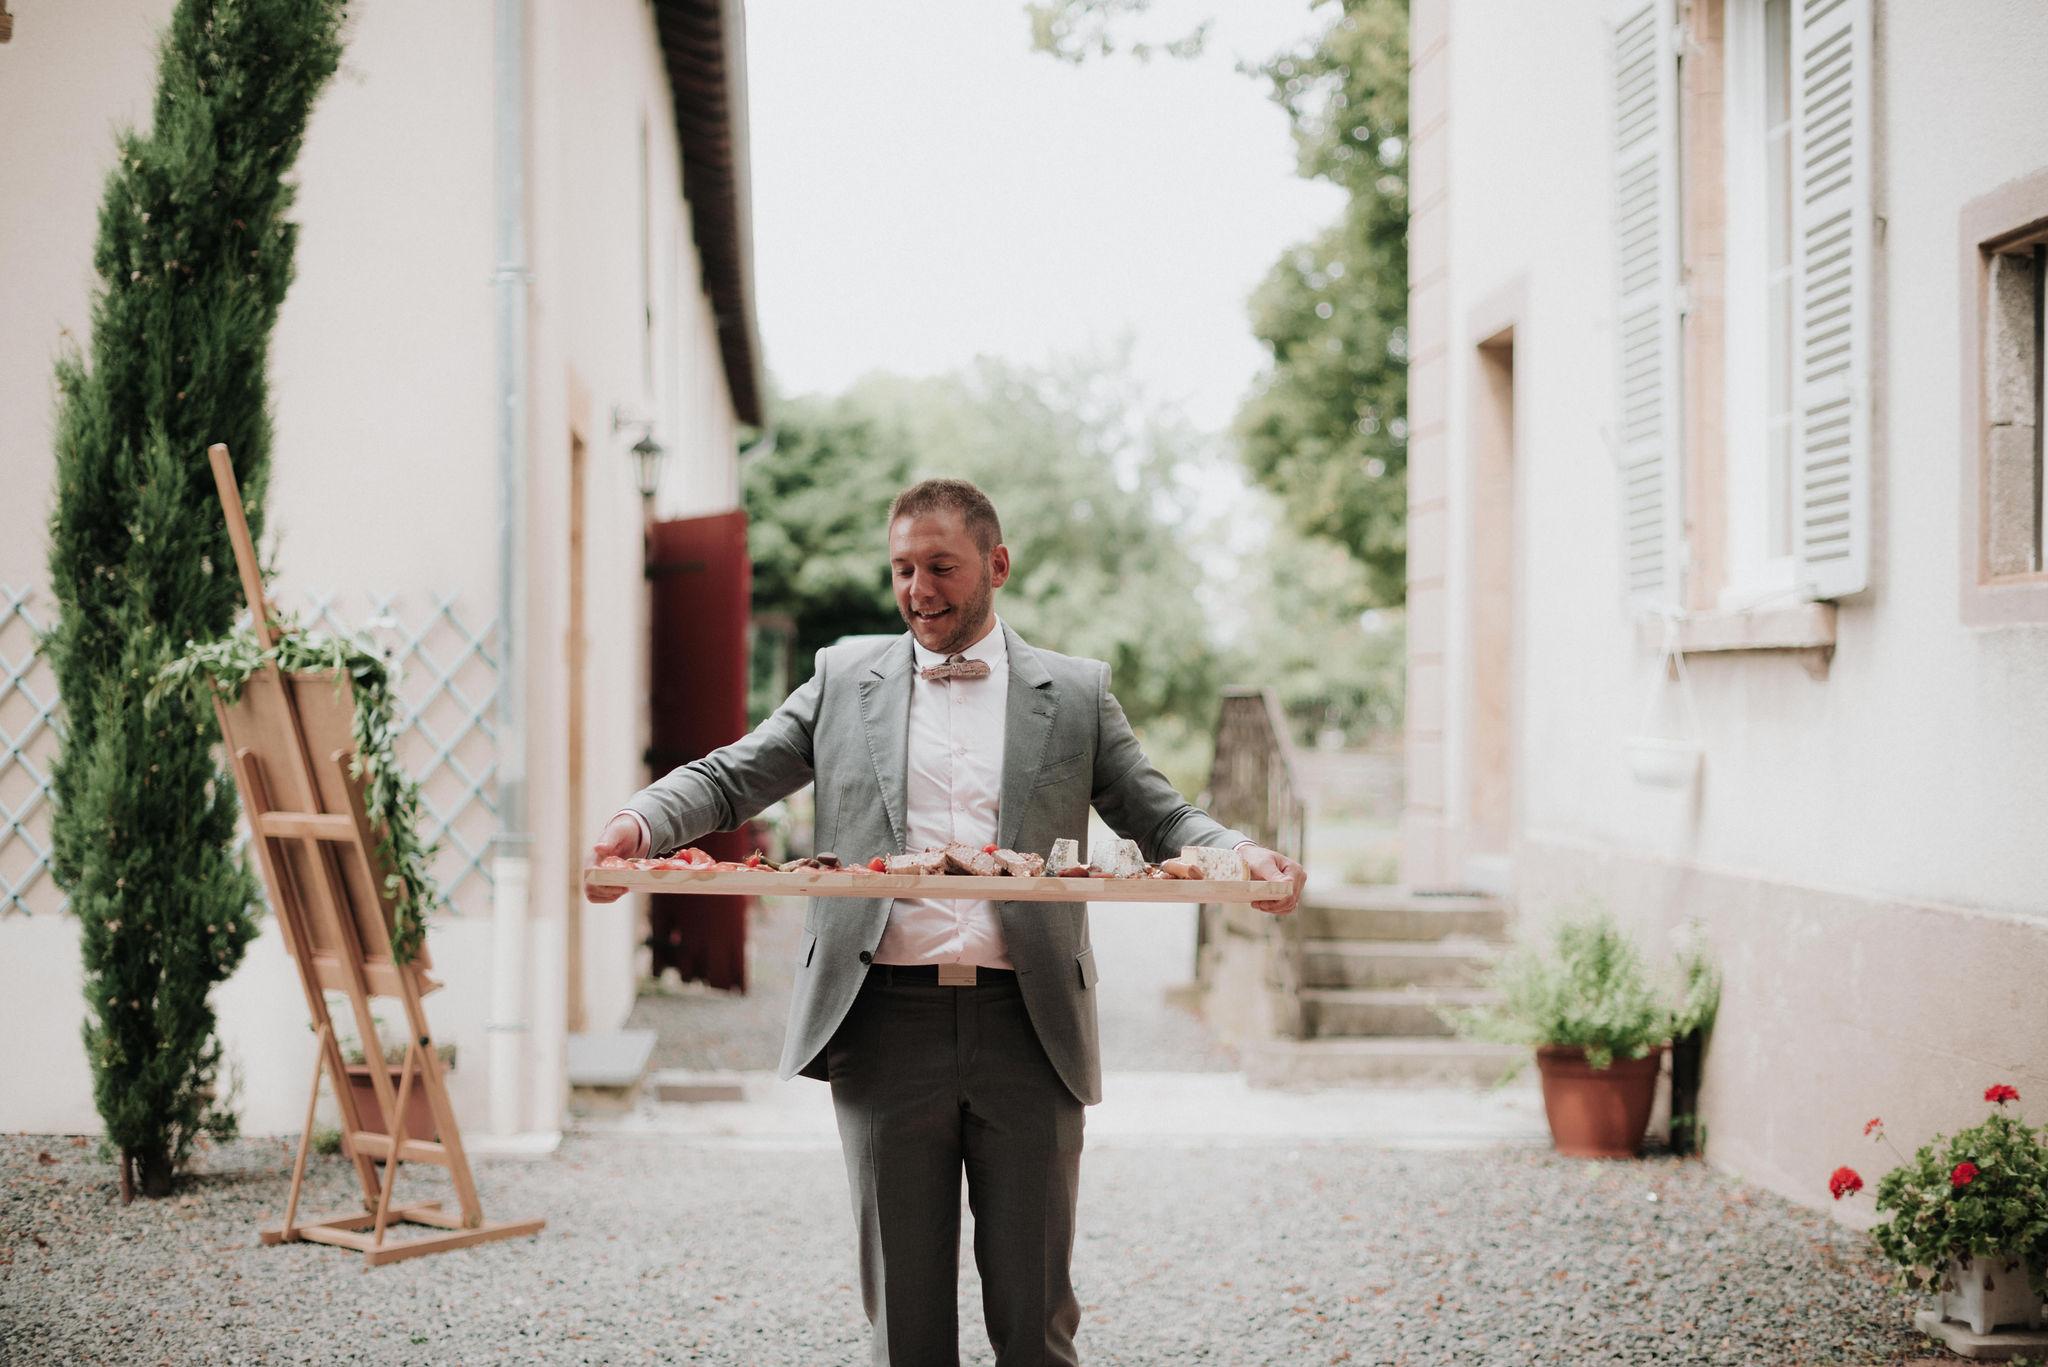 Léa-Fery-photographe-professionnel-lyon-rhone-alpes-portrait-creation-mariage-evenement-evenementiel-famille-6547.jpg